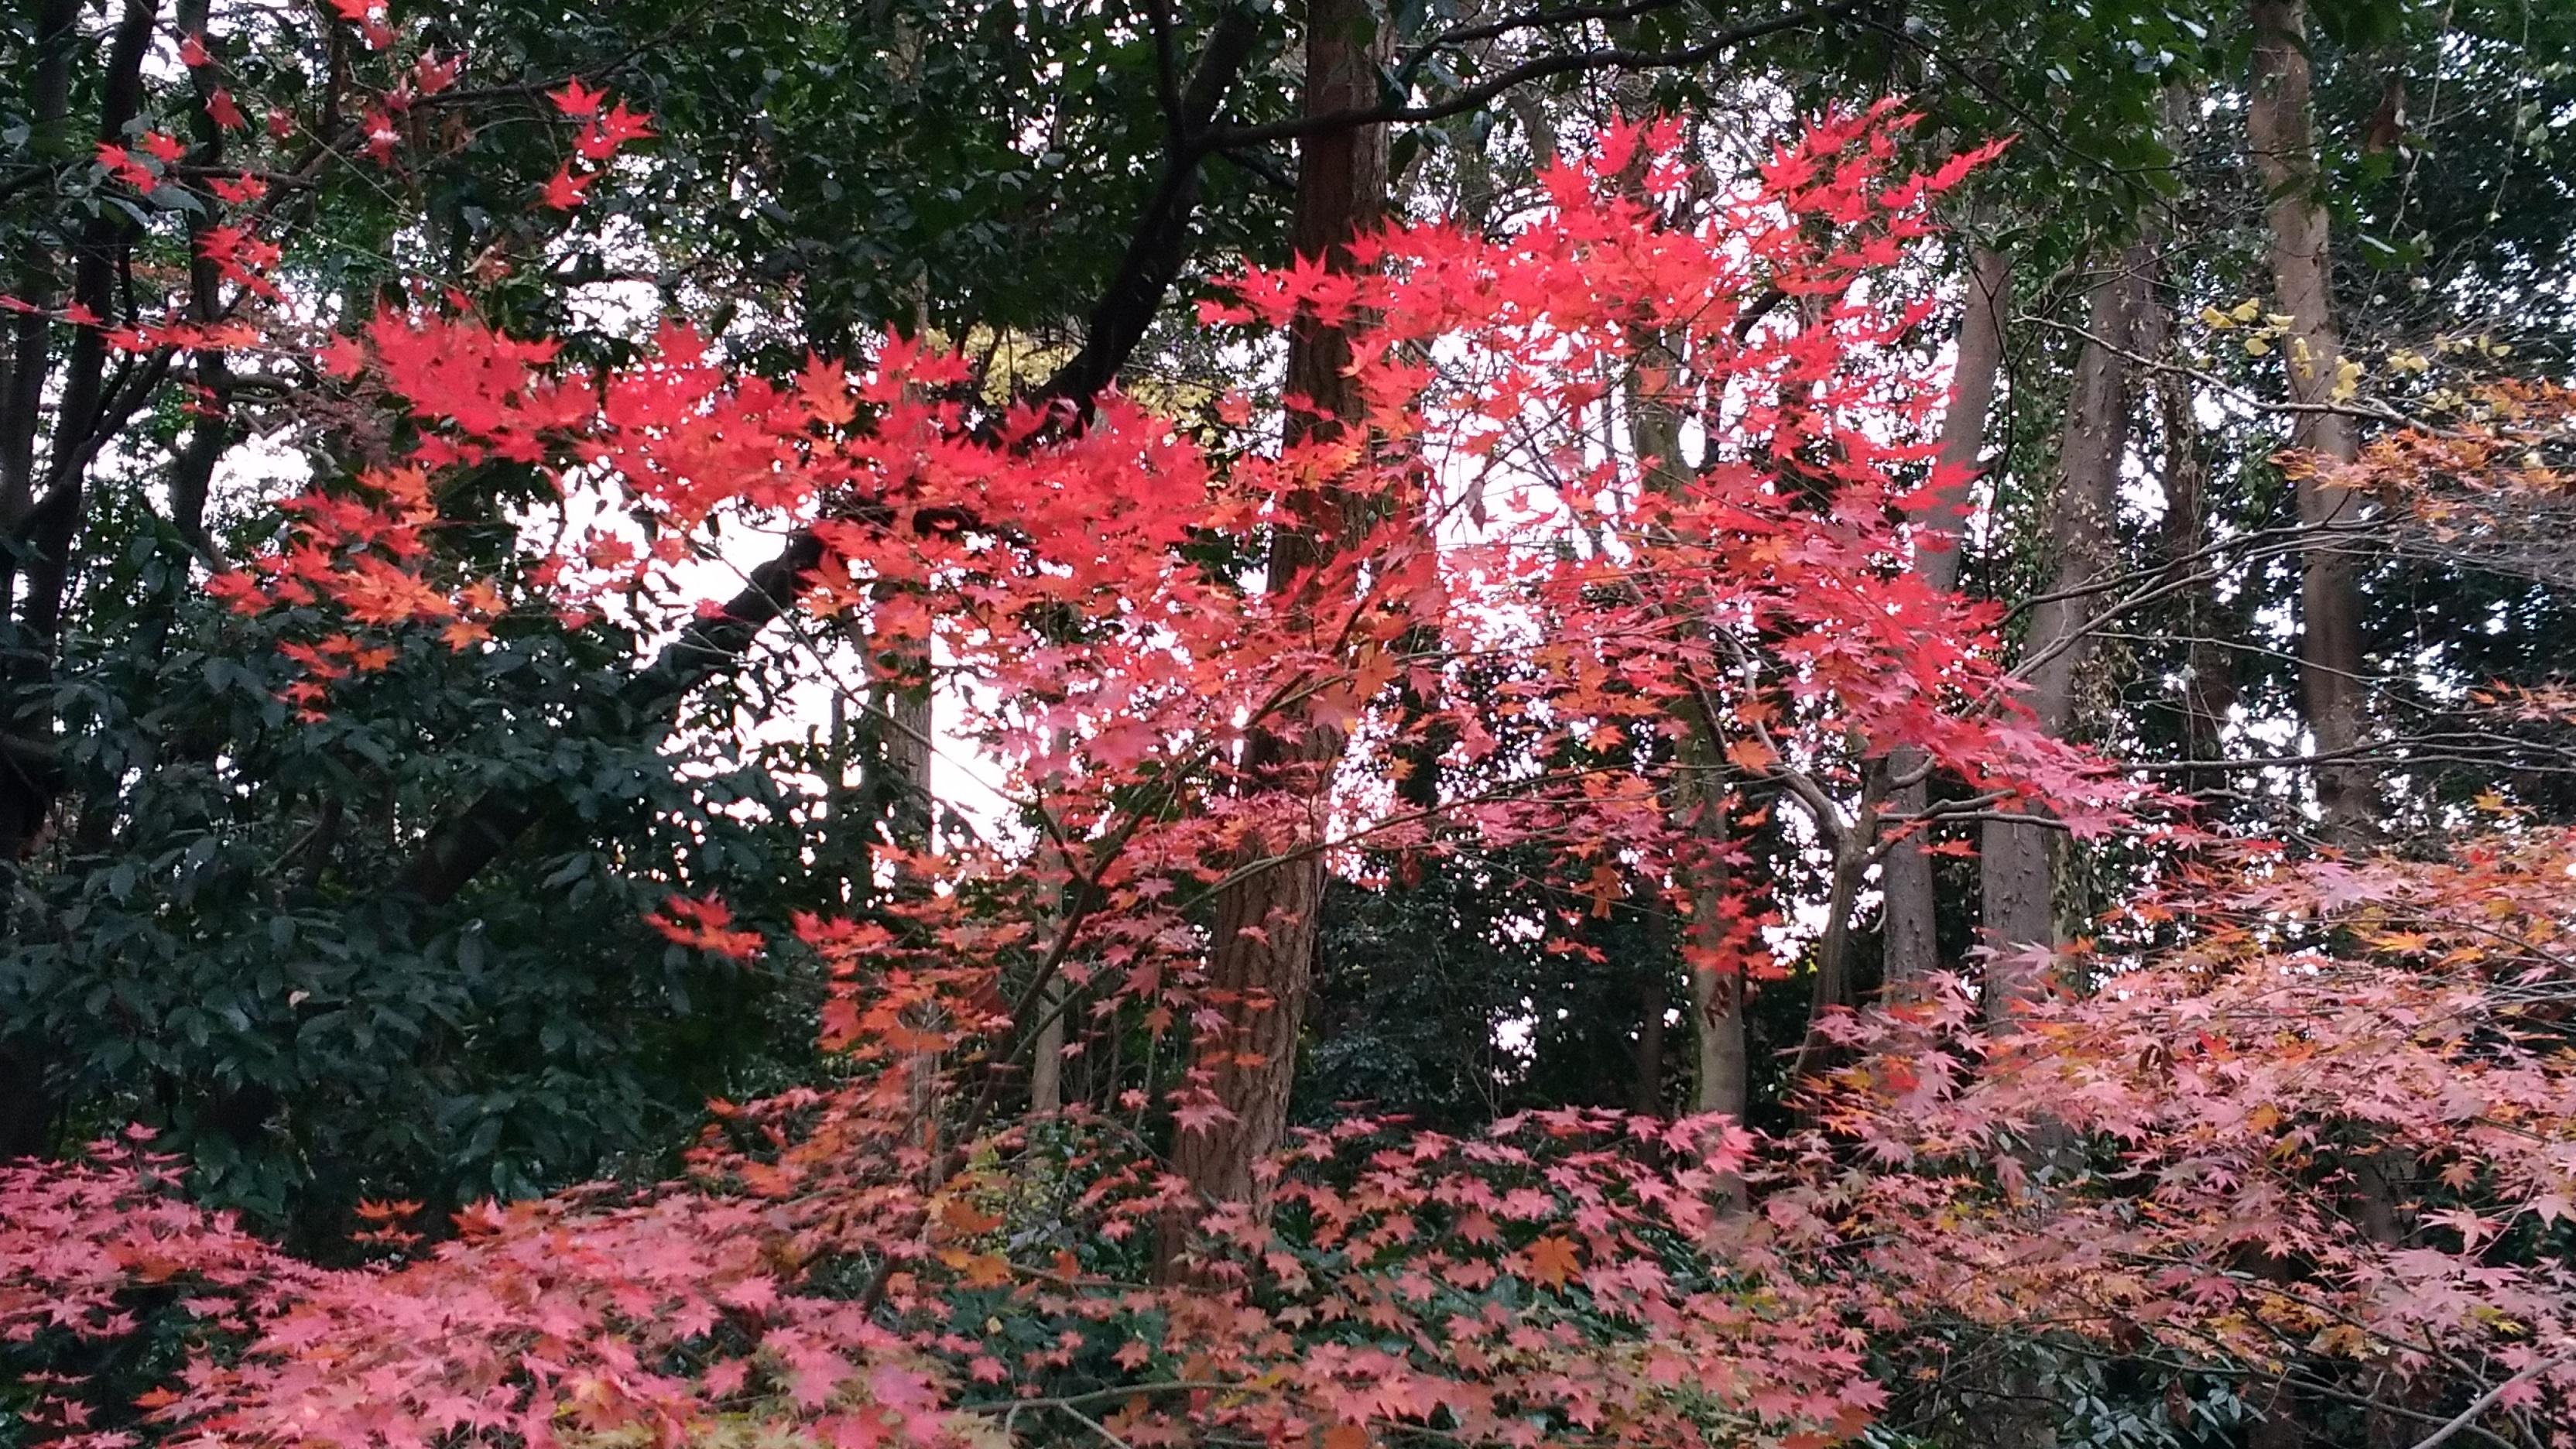 2017年「12月中旬」の紅葉の状況です:下鴨神社近くの【糺の森】では楽しめました! -リピーターのための、おすすめ京都の穴場ガイド-